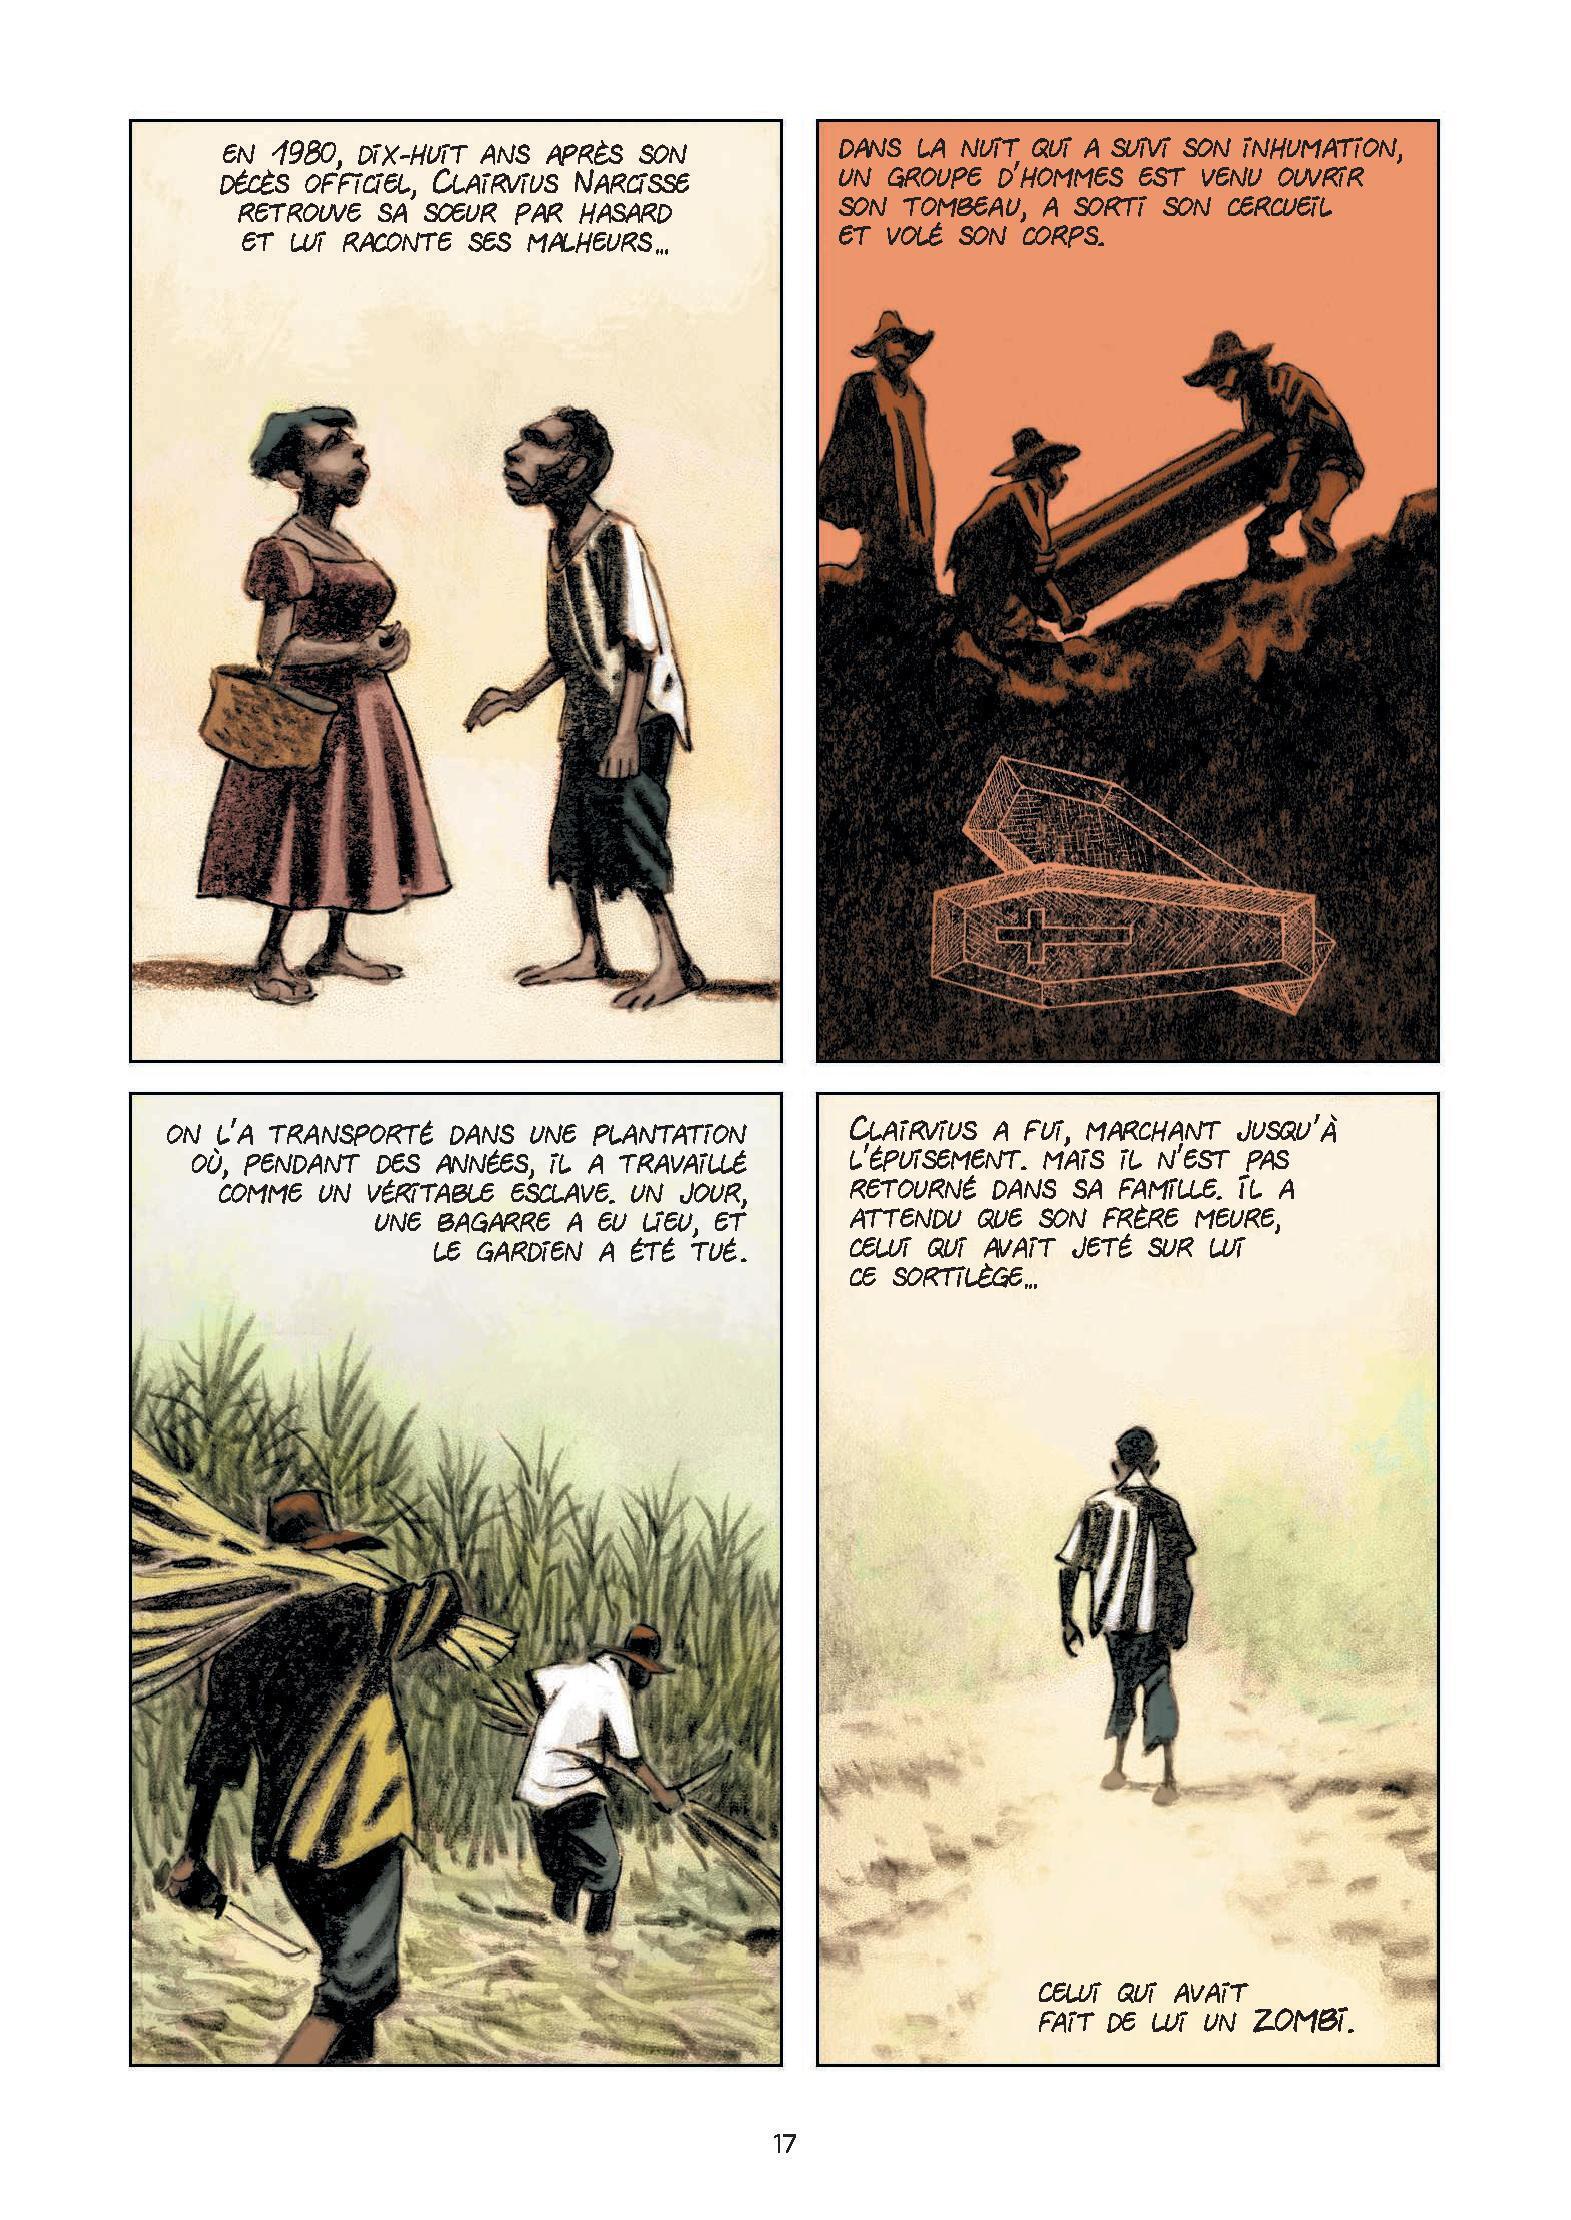 Le dessinateur Richard Guérineau illustre les textes que Philippe Charlier a rapporté de son enquête en Haïti.